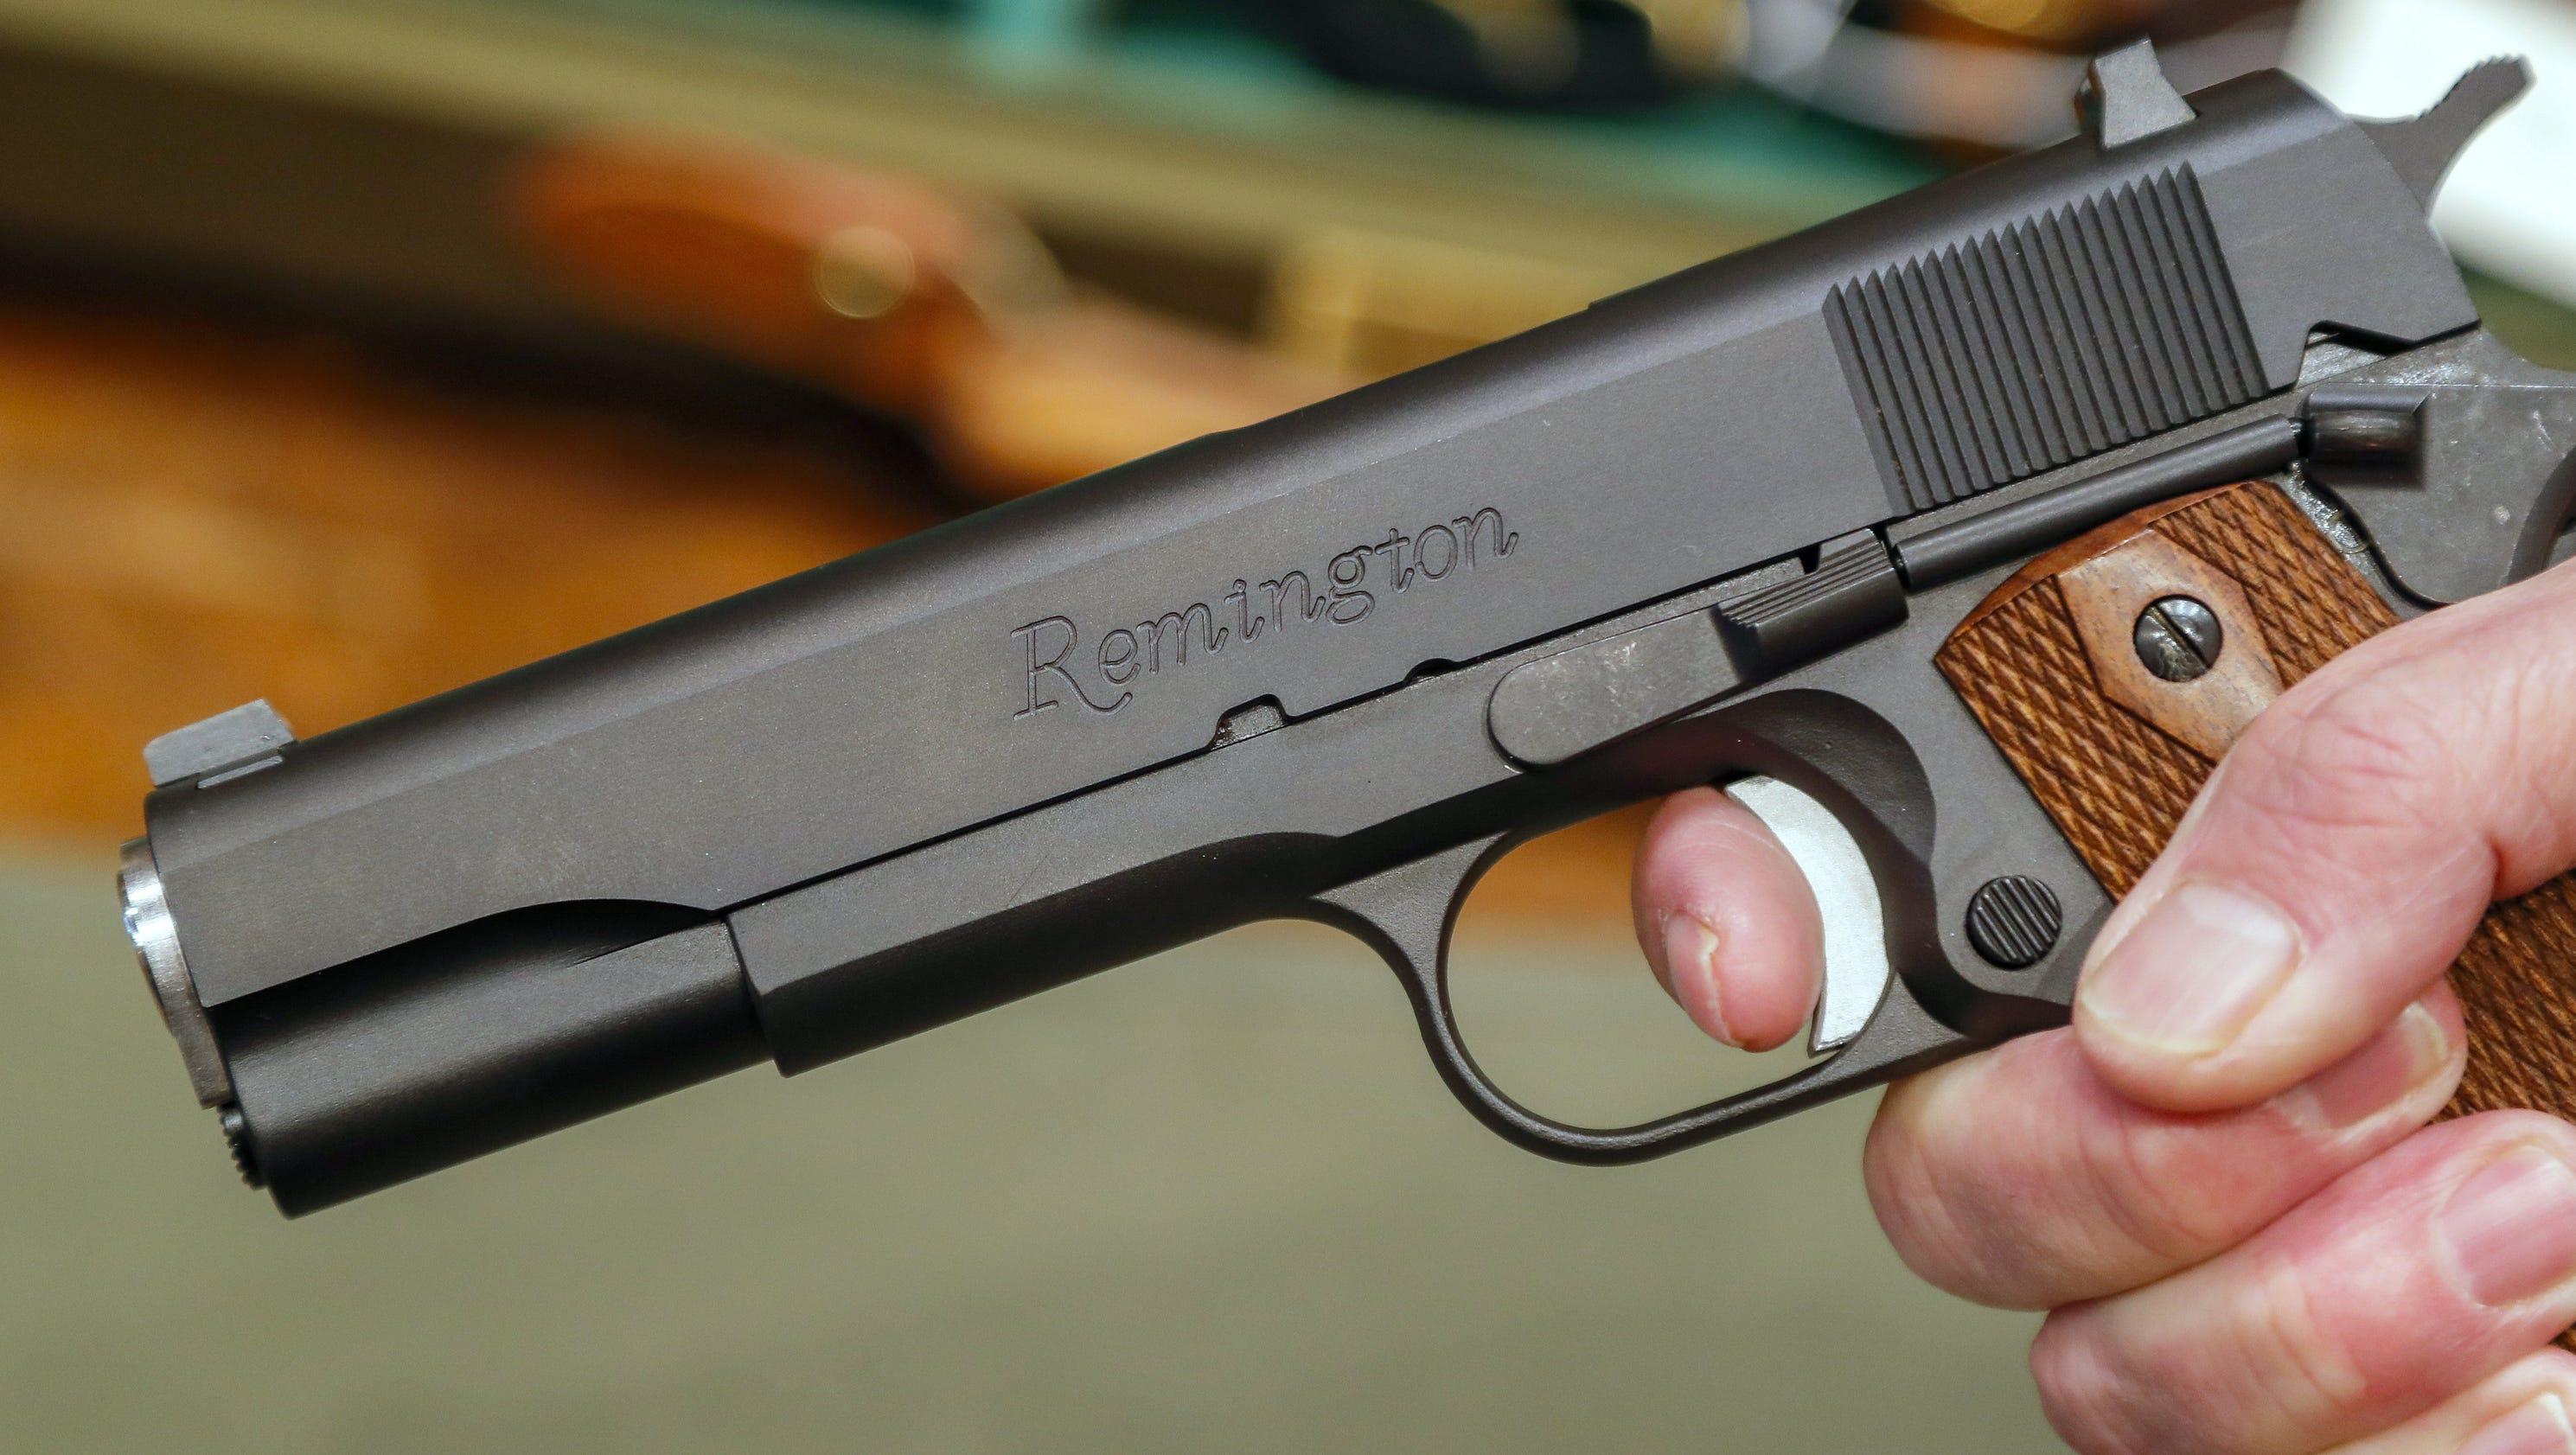 Remington: America's oldest gun maker files for Chapter 11 ...